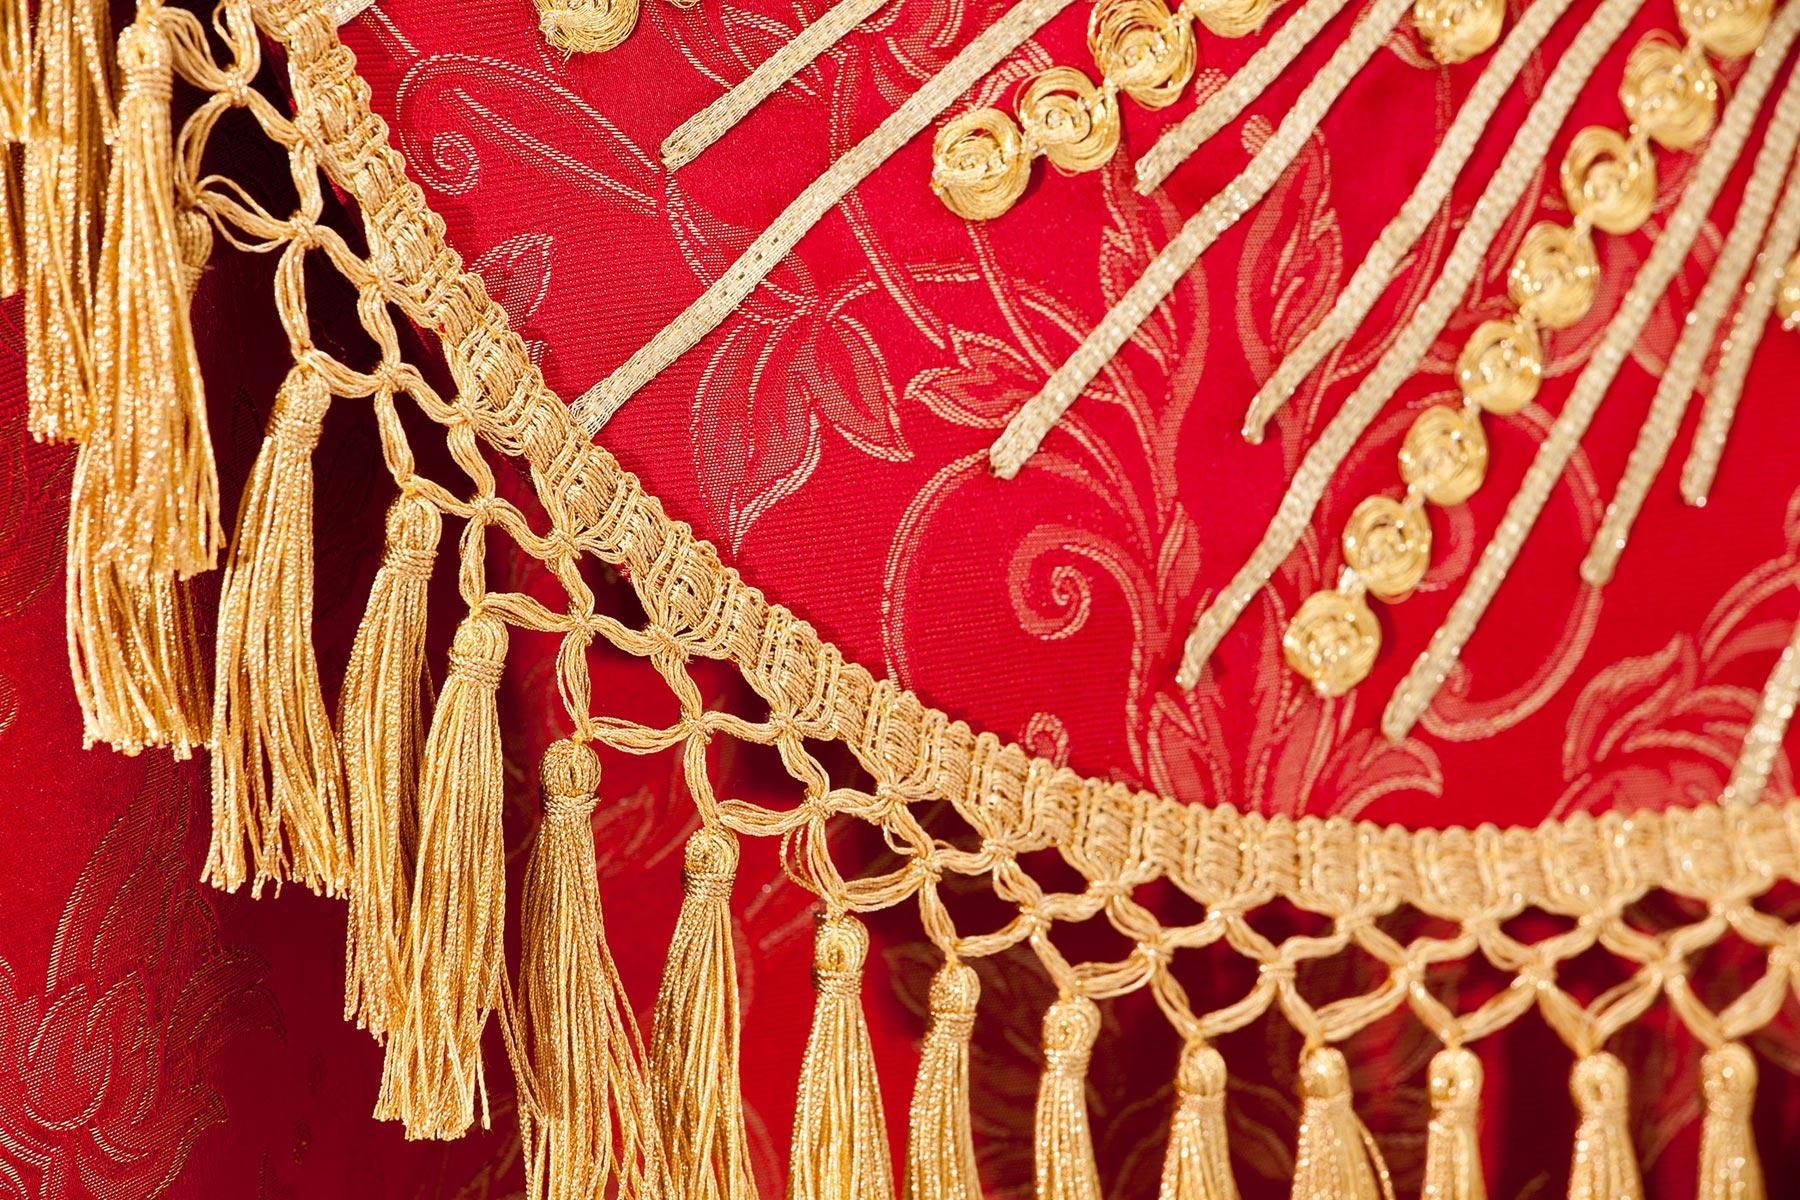 particolare piviale rosso e oro